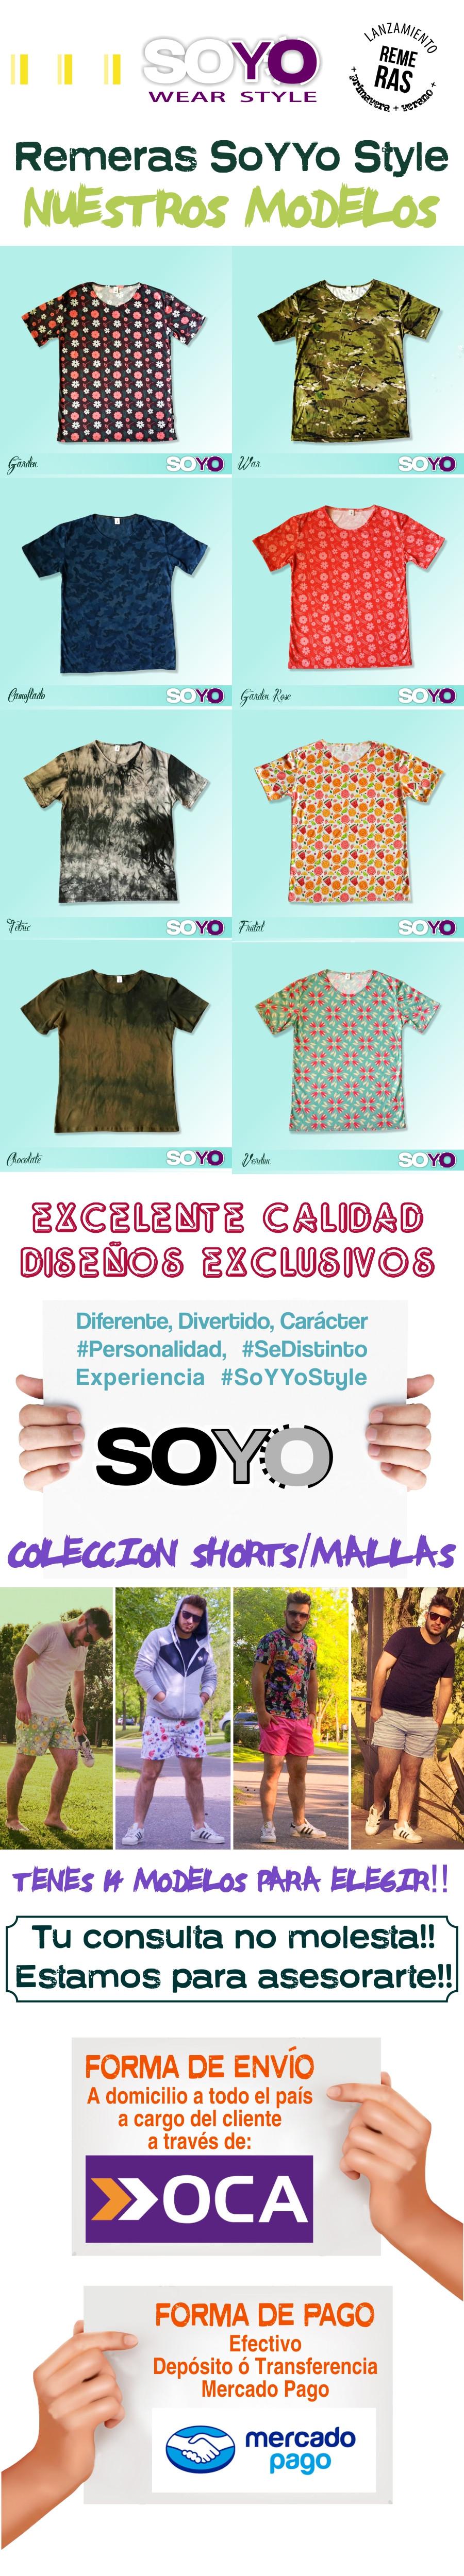 Remeras Estampadas Hombre Soyyostyle Diseño Exclusivo Promo  f47ce6134ffb9